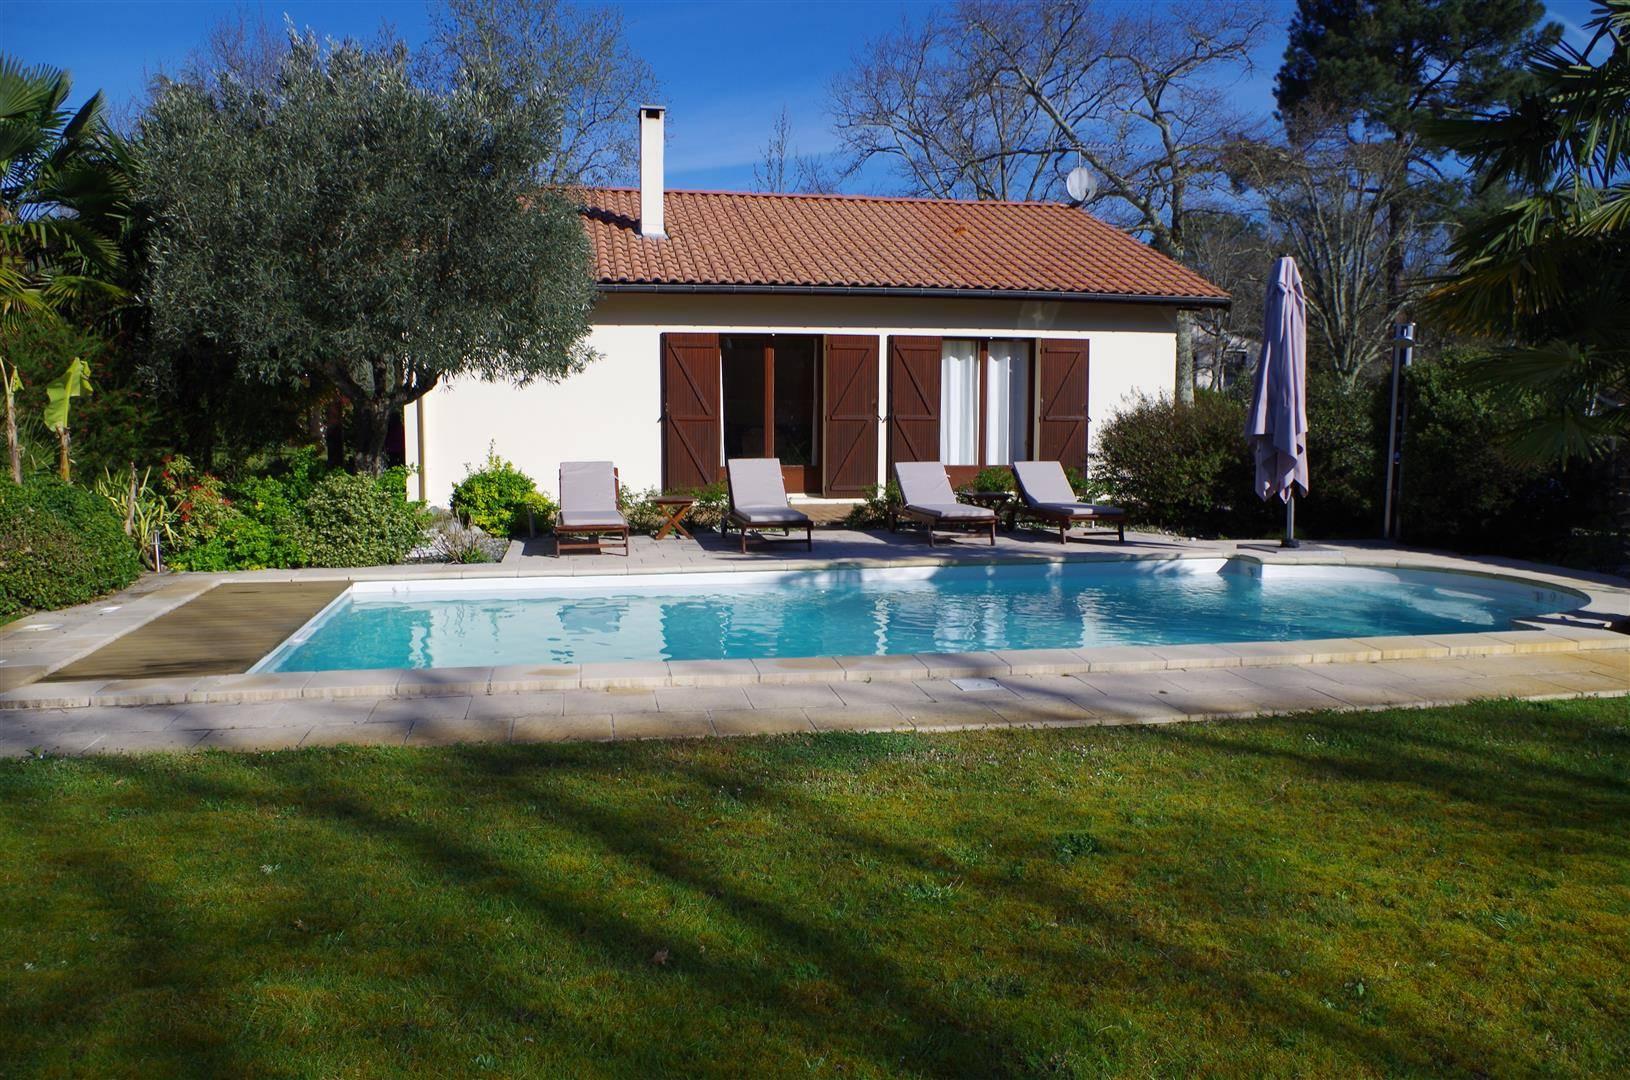 Maison De Plain Pied 115M², 3 Chambres + Bureau Sur 1654M² ... concernant Piscine Cestas